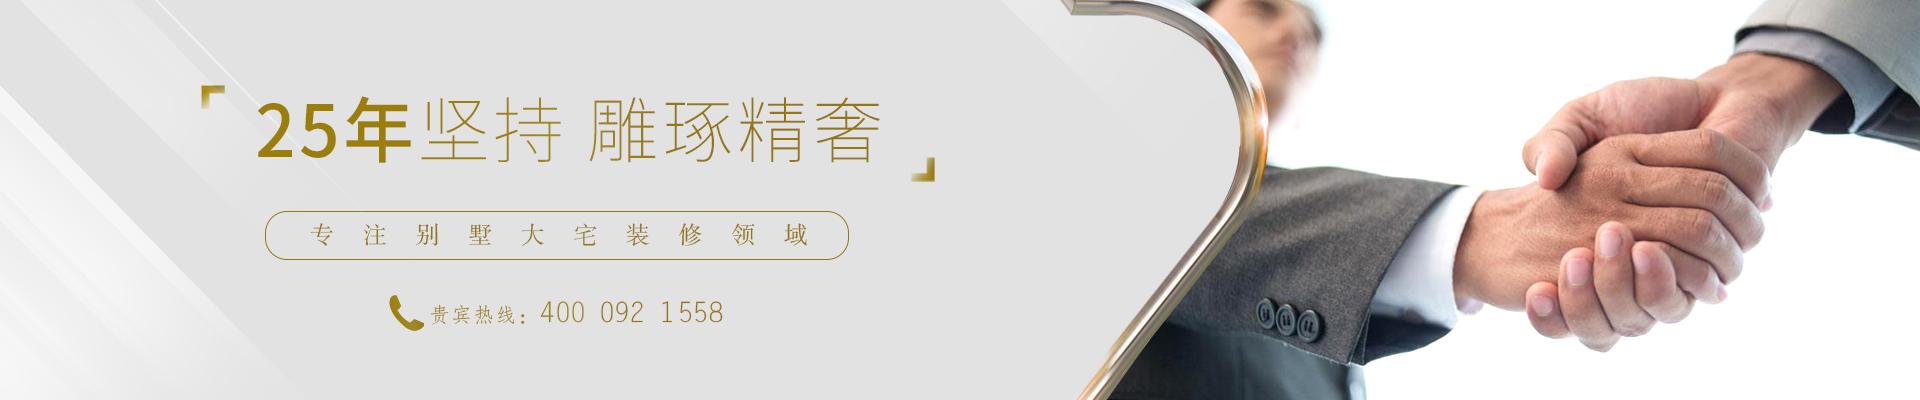 上海腾龙设计公司